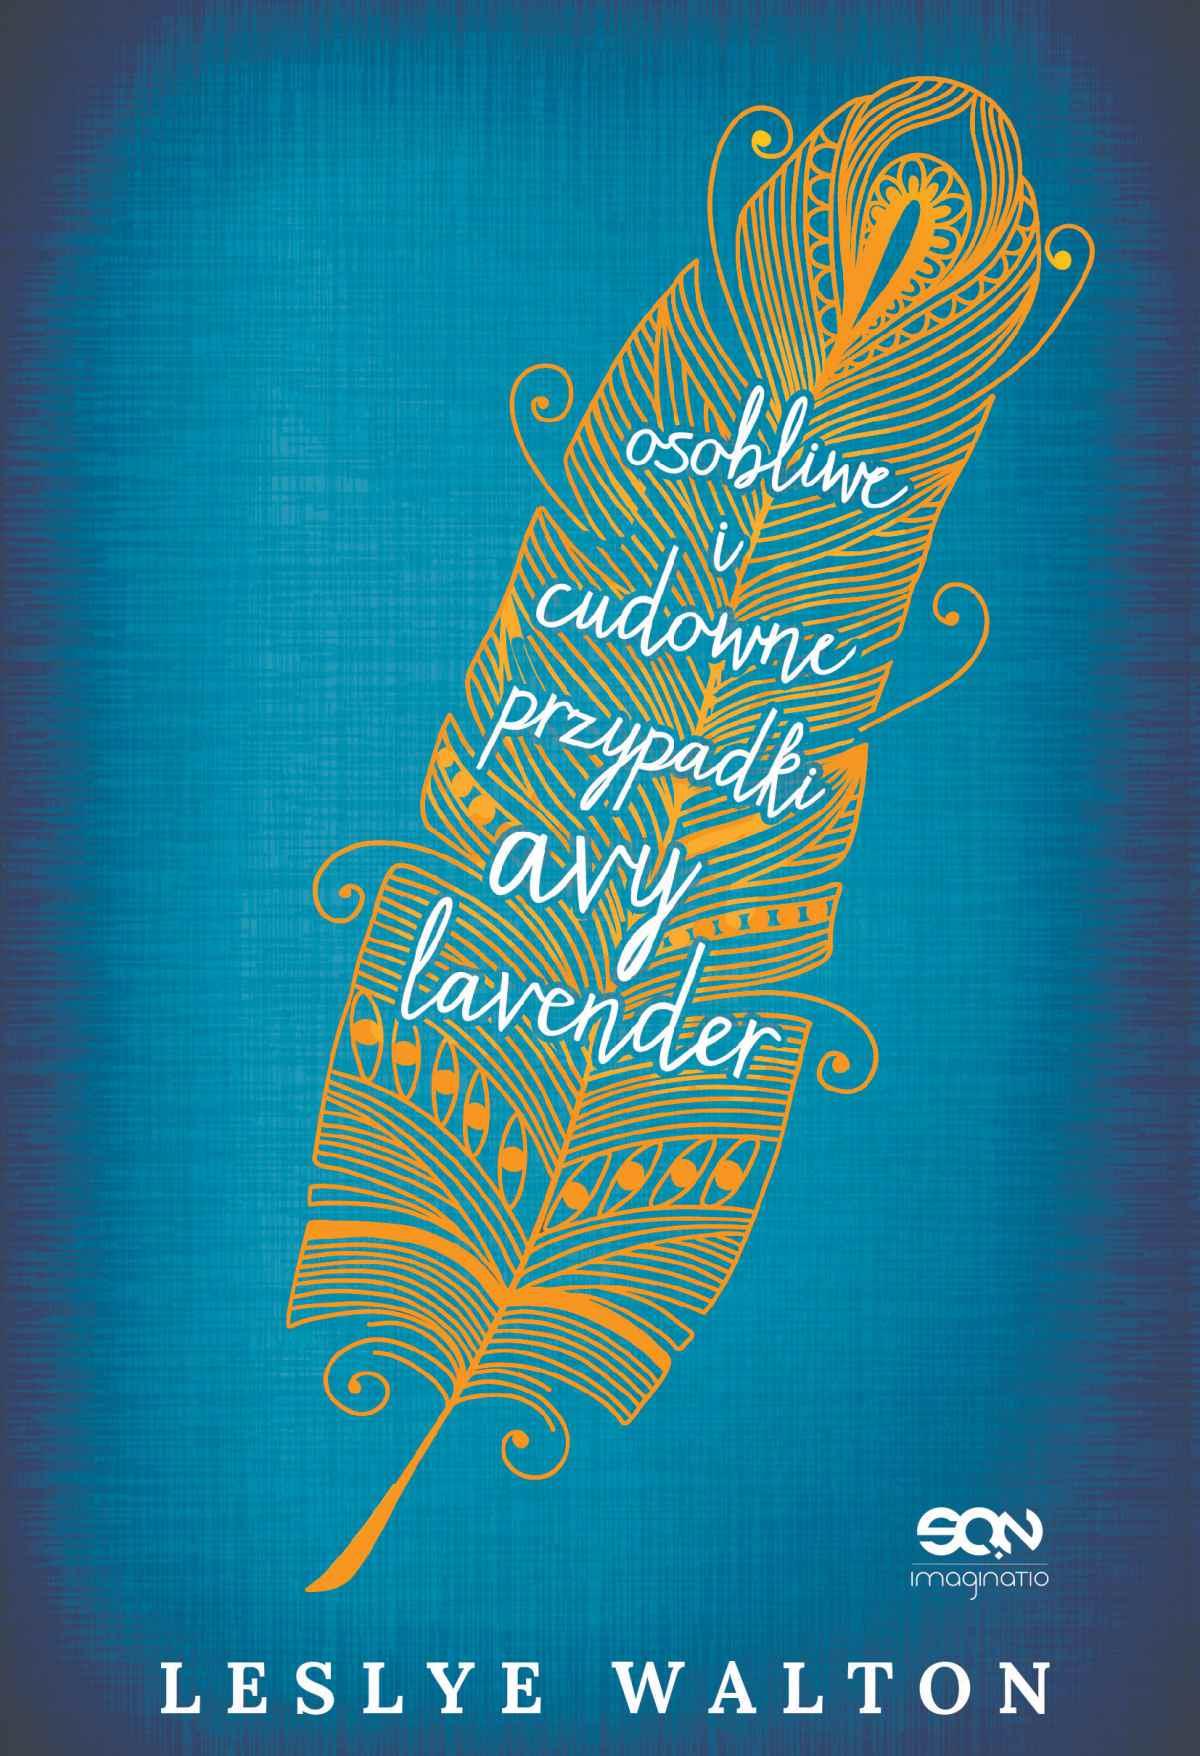 Osobliwe i cudowne przypadki Avy Lavender - Ebook (Książka EPUB) do pobrania w formacie EPUB